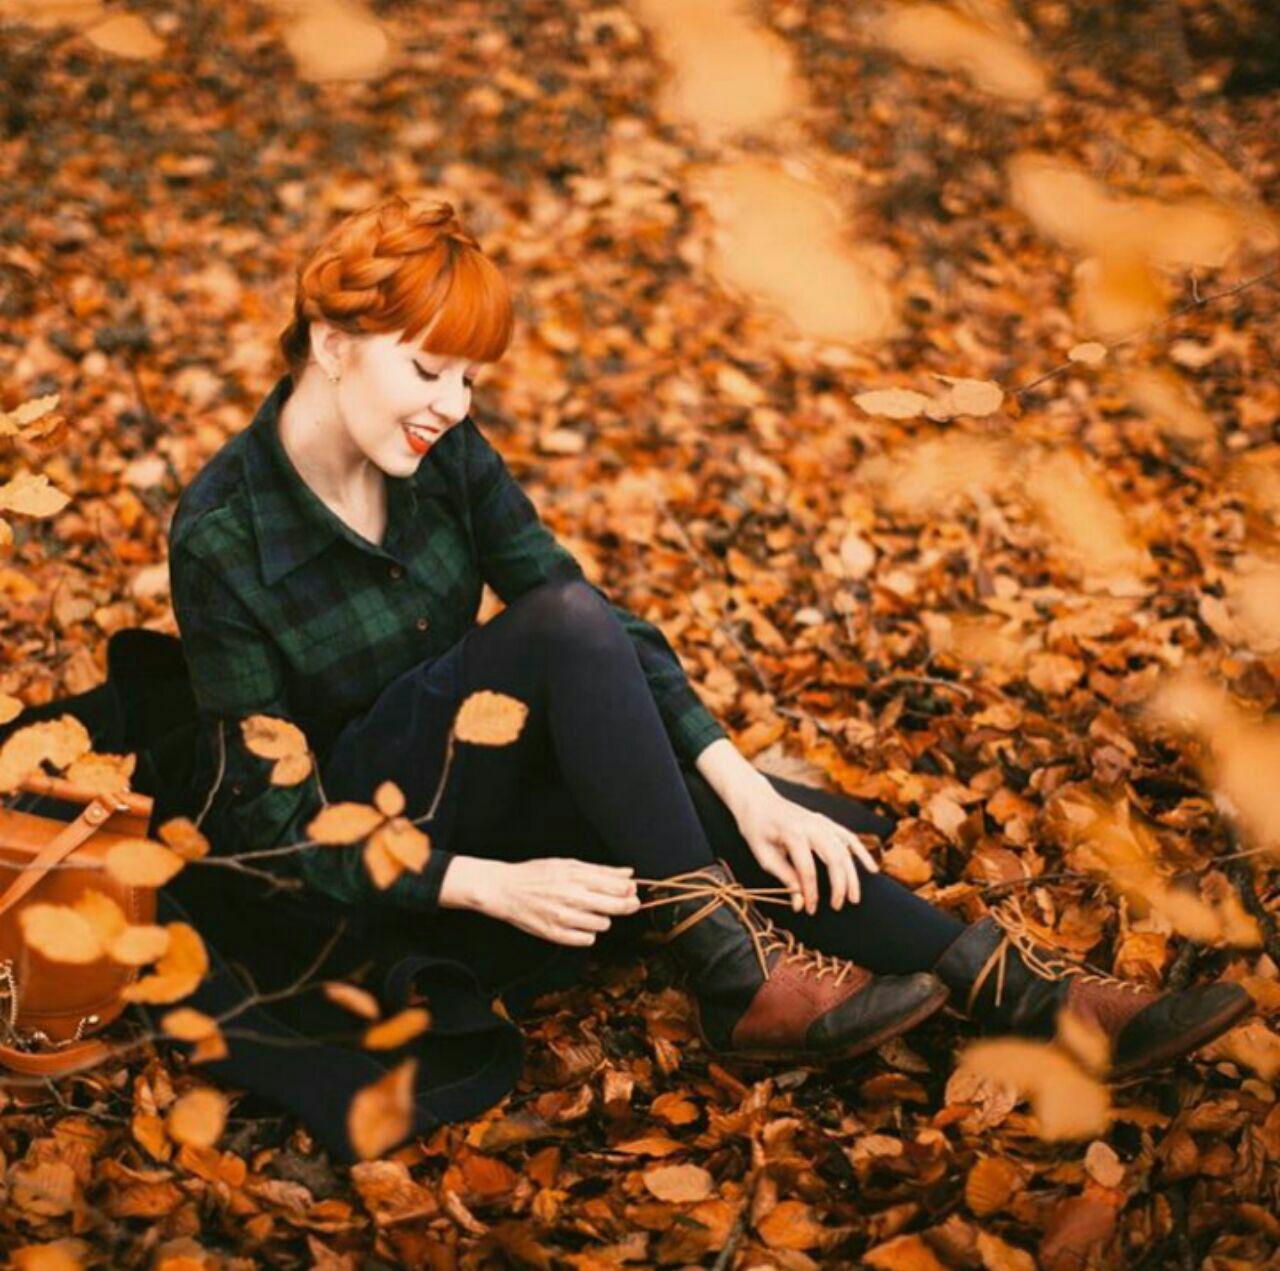 عکس دختر و پاییز